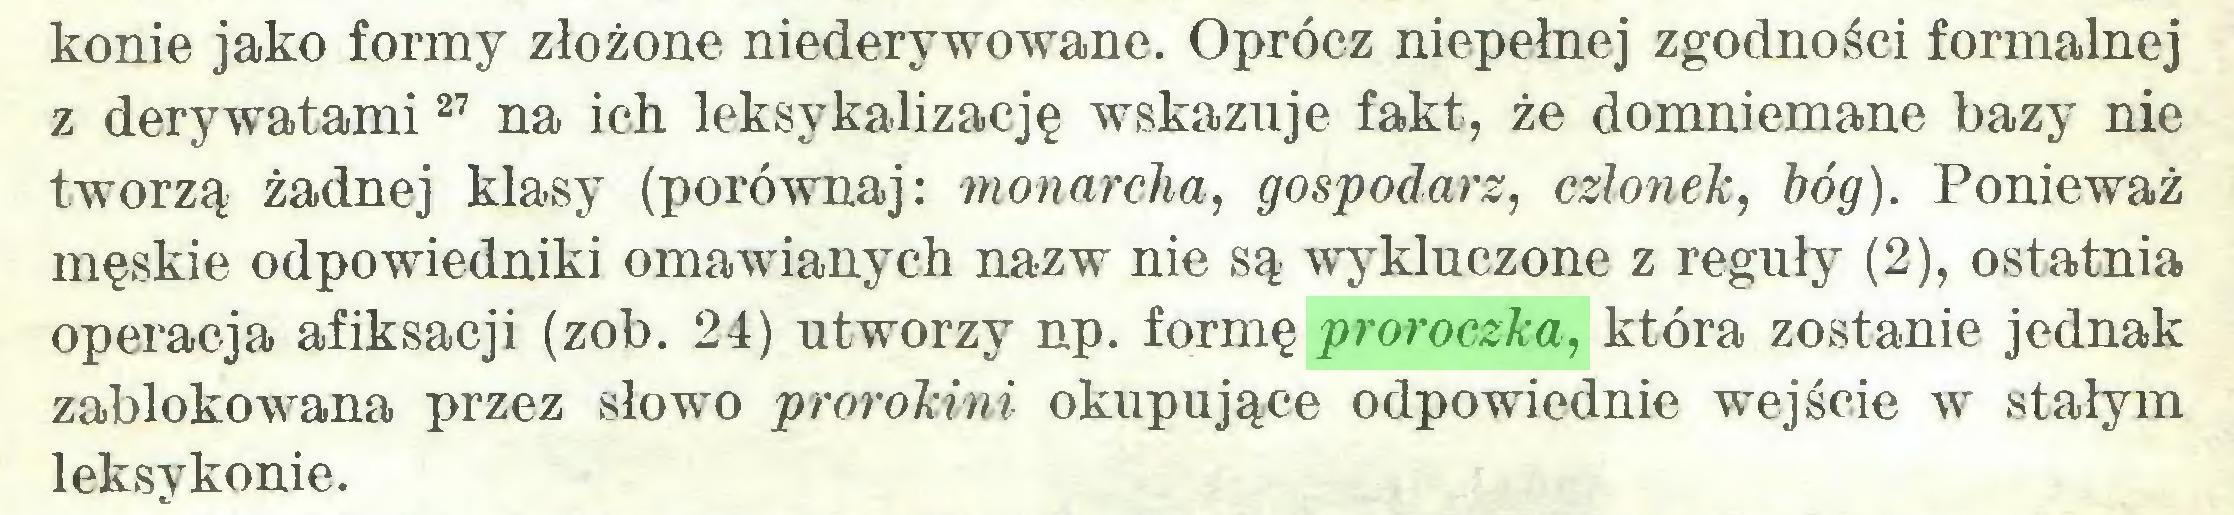 (...) konie jako formy złożone niederywowane. Oprócz niepełnej zgodności formalnej z derywatami27 na ich leksykalizację wskazuje fakt, że domniemane bazy nie tworzą żadnej klasy (porównaj: monarcha, gospodarz, członek, bóg). Ponieważ męskie odpowiedniki omawianych nazw nie są wykluczone z reguły (2), ostatnia operacja afiksacji (zob. 24) utworzy np. formę proroczka, która zostanie jednak zablokowana przez słowo prorokini okupujące odpowiednie wejście w stałym leksykonie...